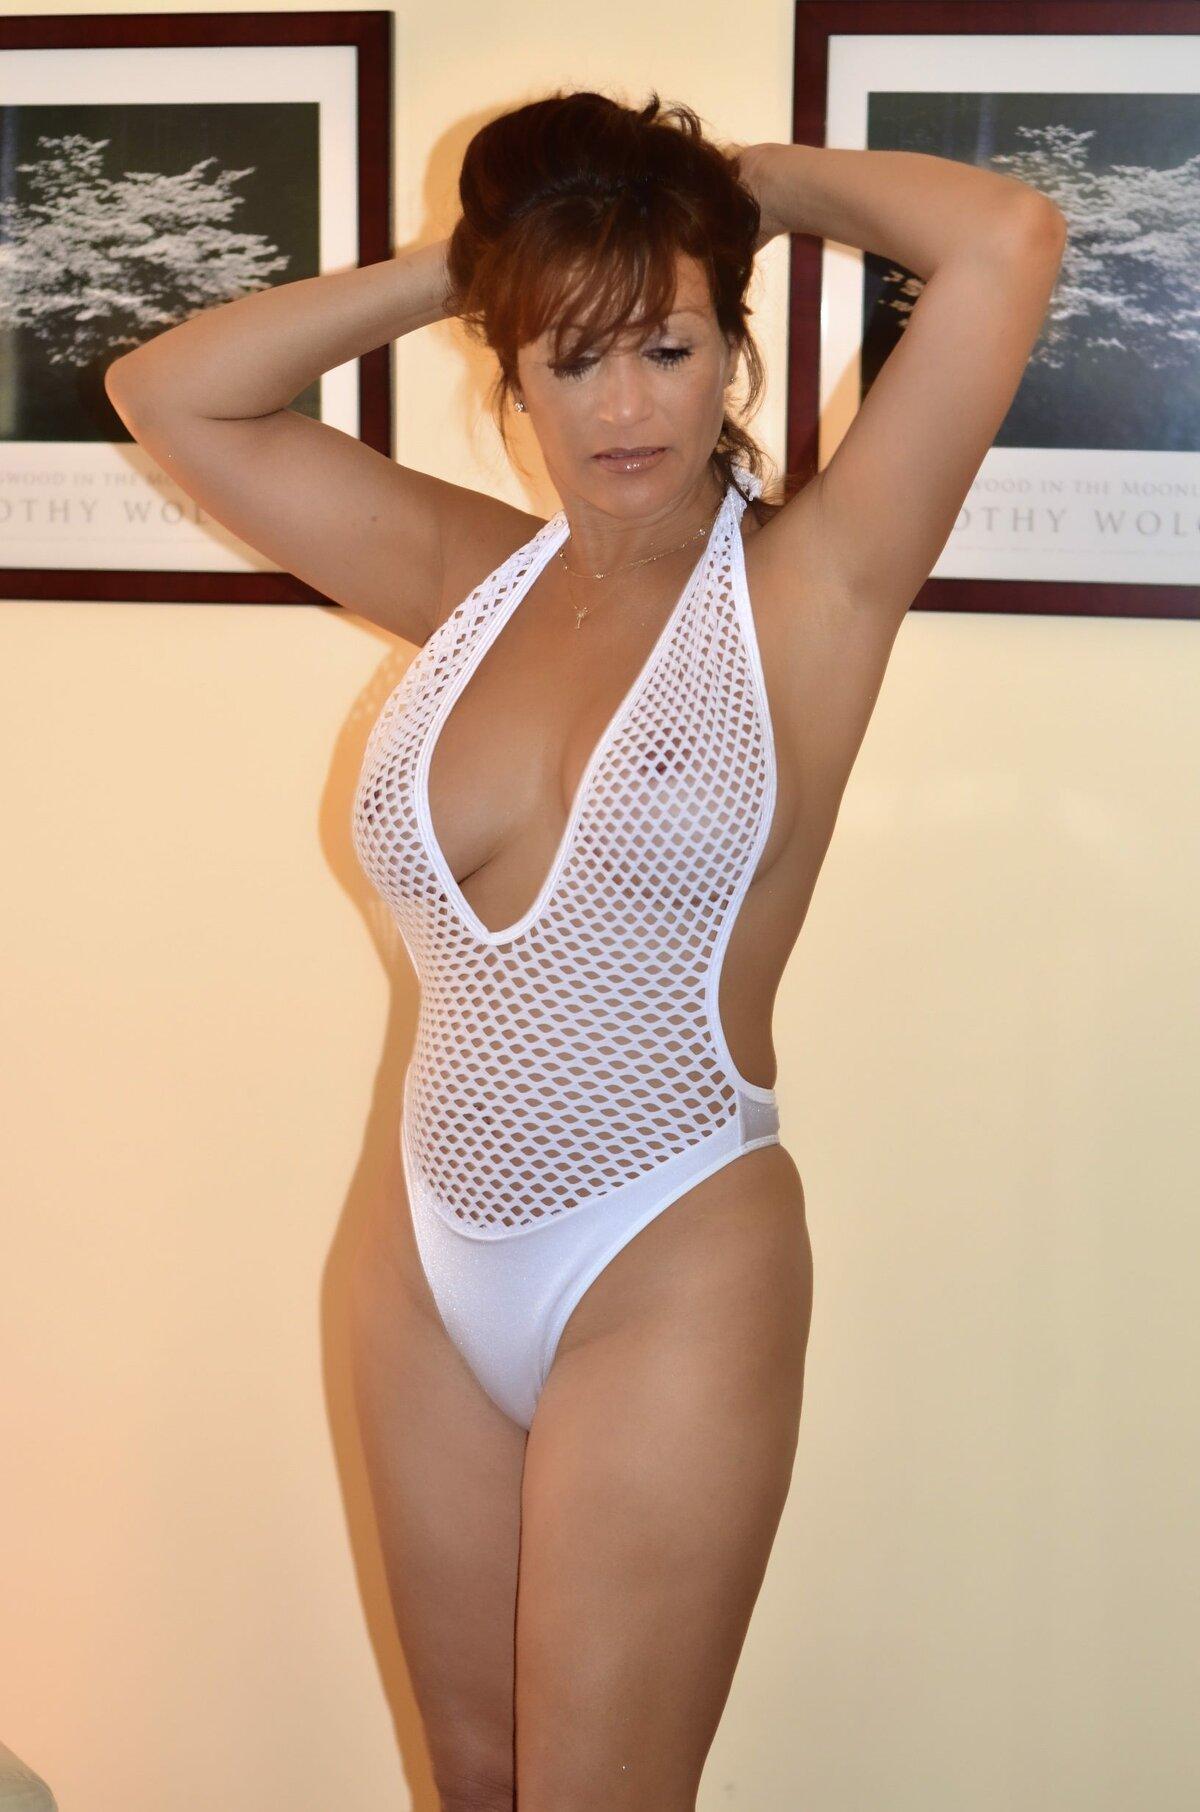 Galleries mature swimsuit